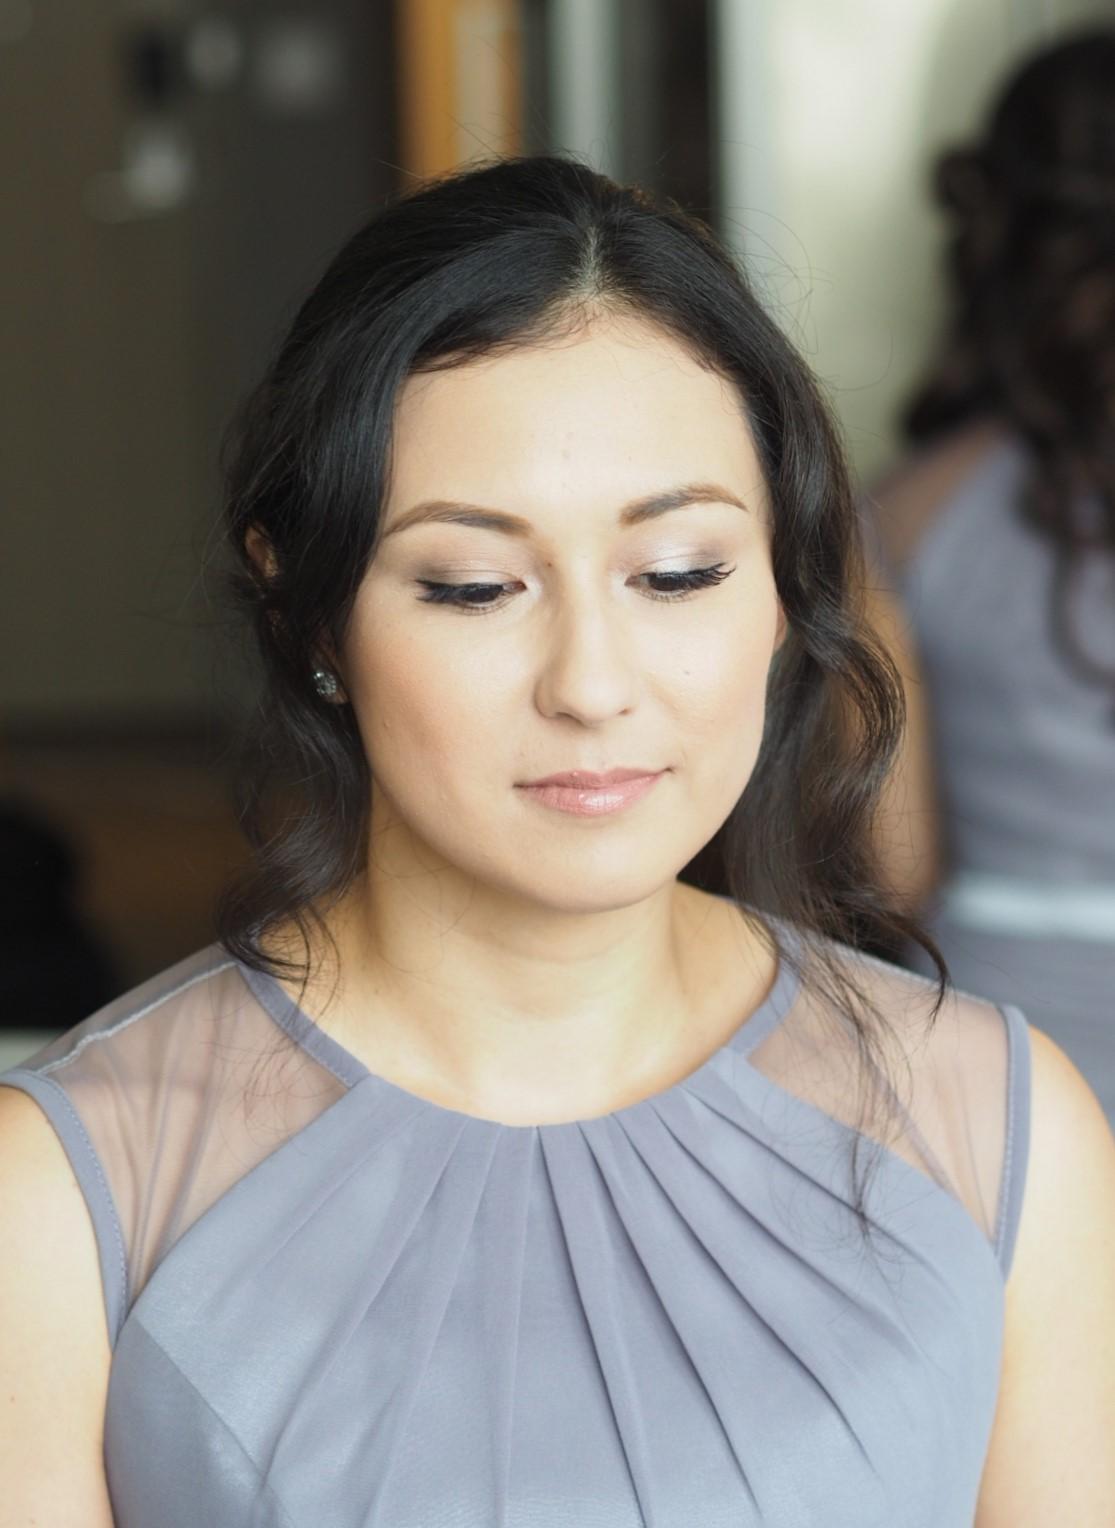 Downtown Toronto wedding makeup